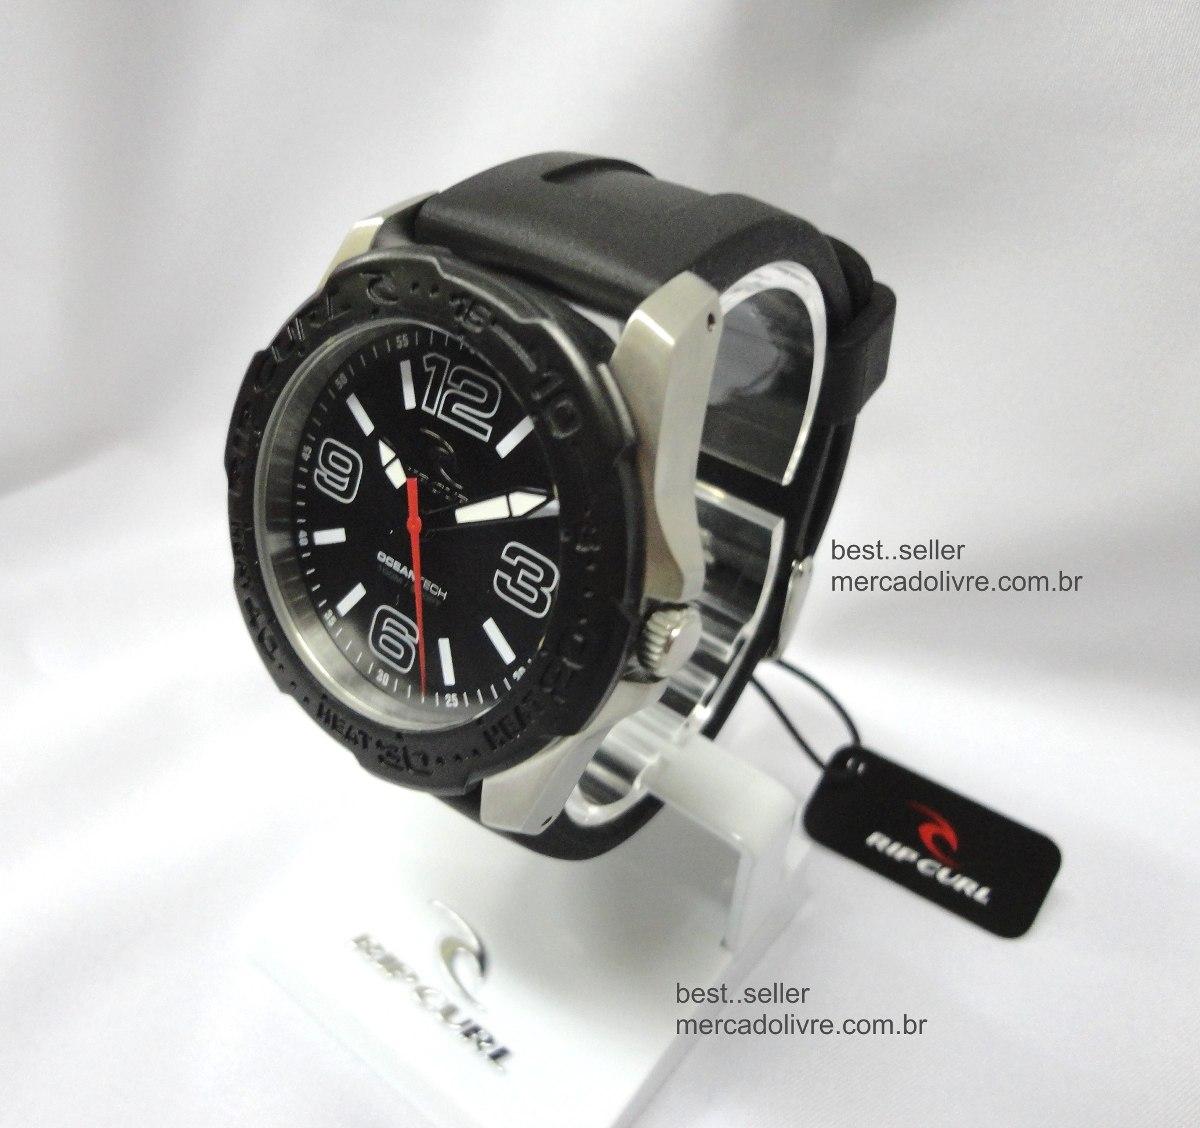 6c8101686b1 Relógio Rip Curl Tubes Black Preto - Coleção Pivot - R  529